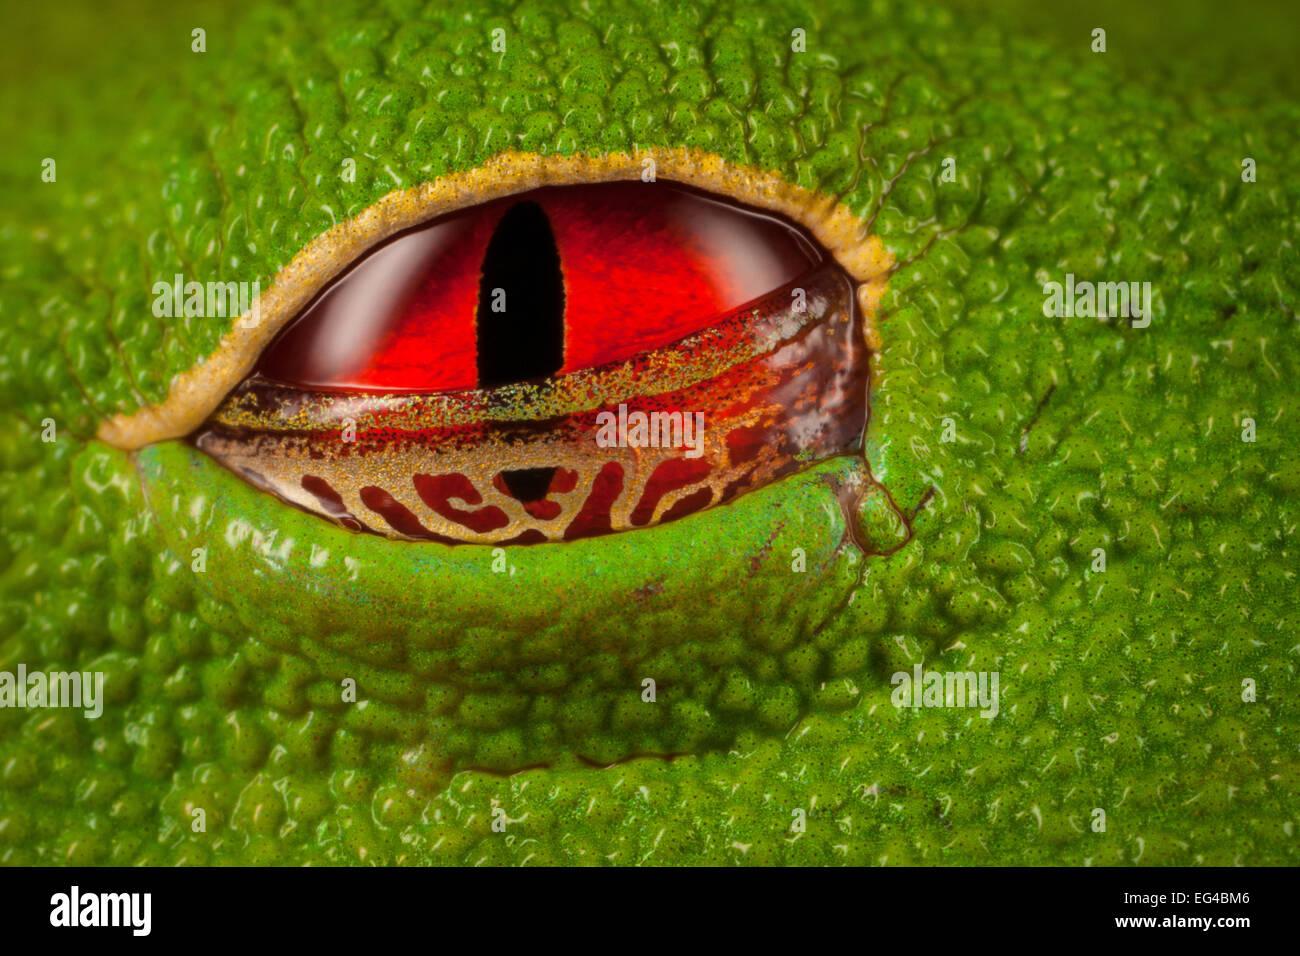 Rotäugigen Baumfrosch (Agalychnis Callidryas) Close-Up Augen halb offen, die das goldene Schwimmhäute Stockbild